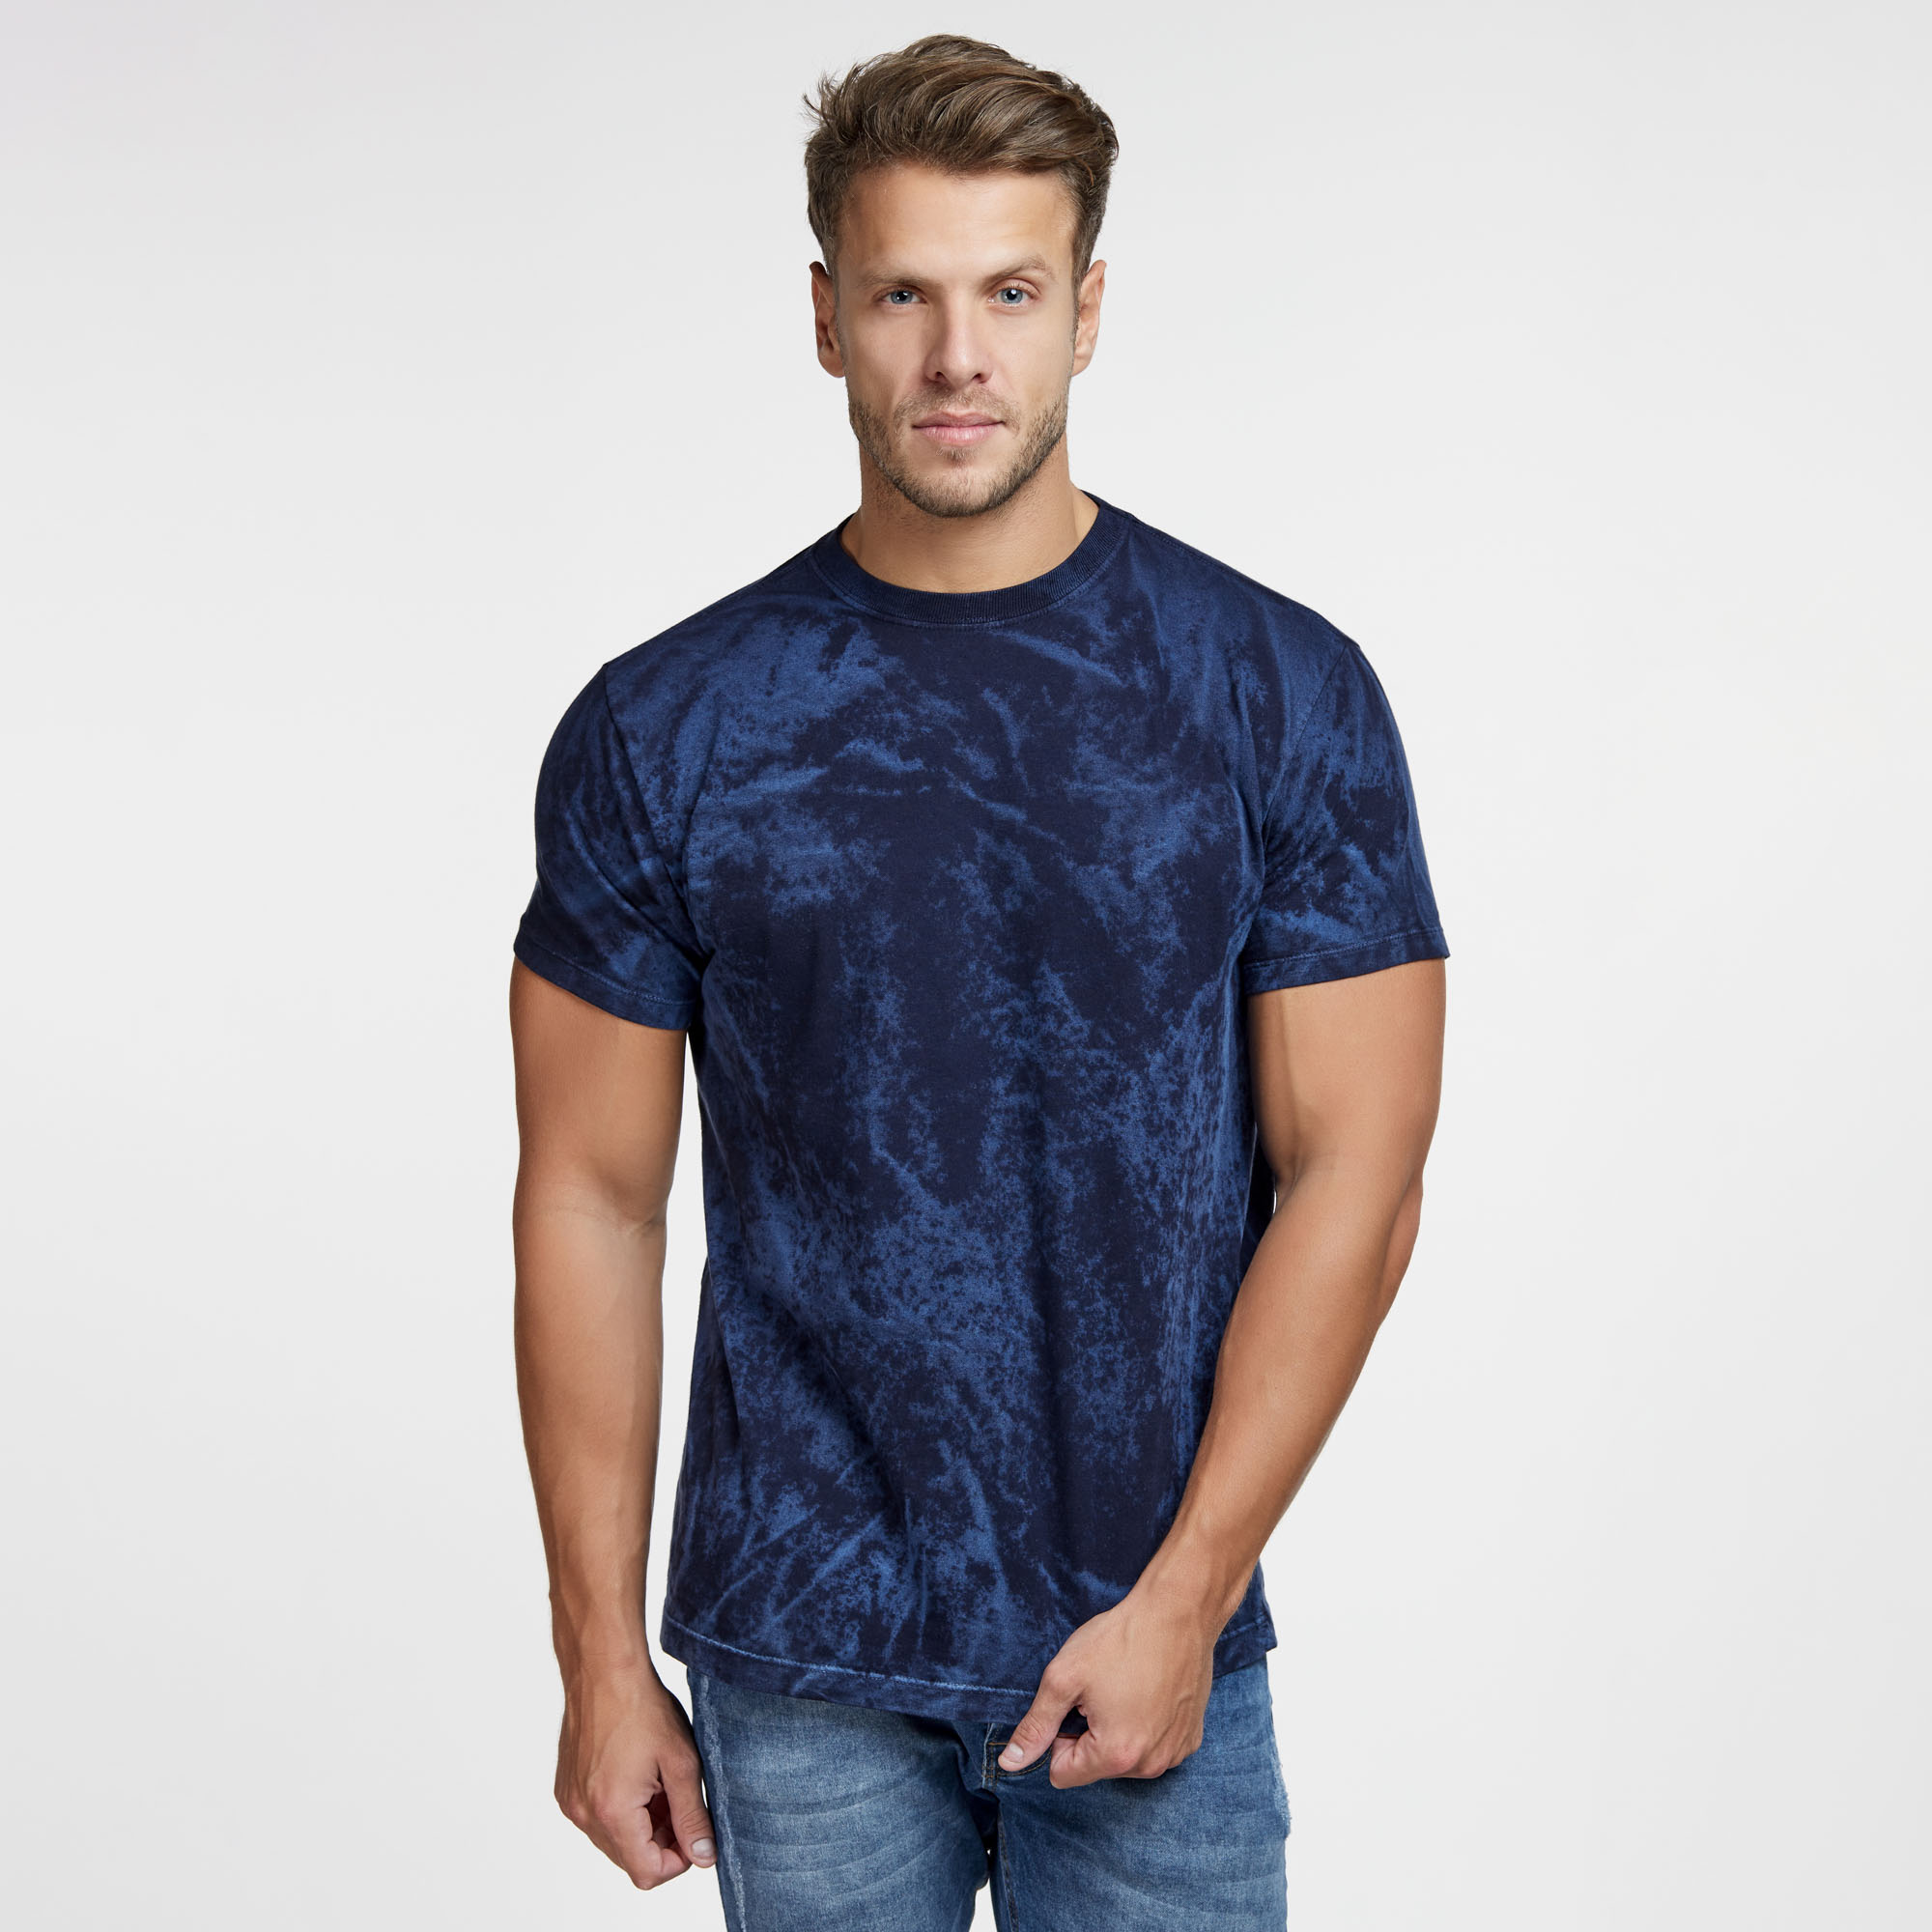 Camiseta Masculina Texturizada Azul Marinho